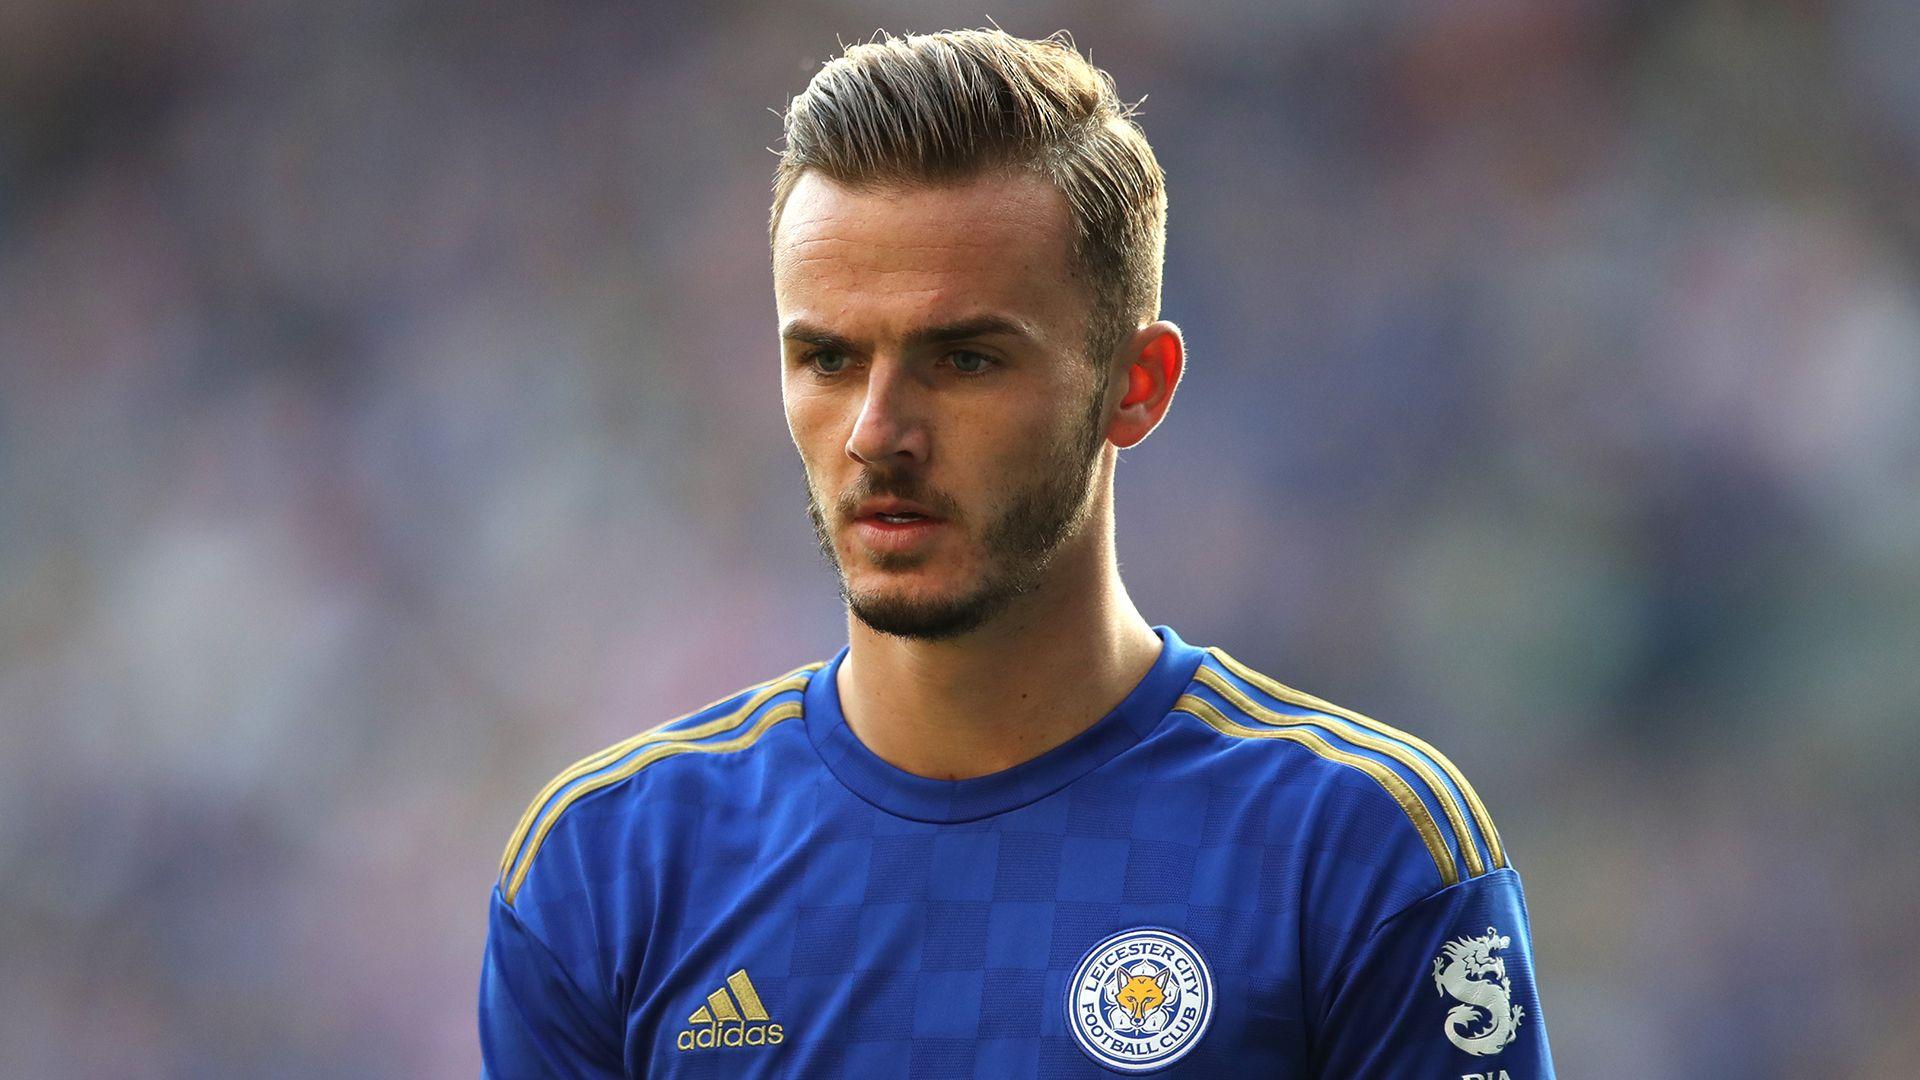 Chuyên gia lên tiếng, rõ thời điểm Maddison đến Man United - Bóng Đá